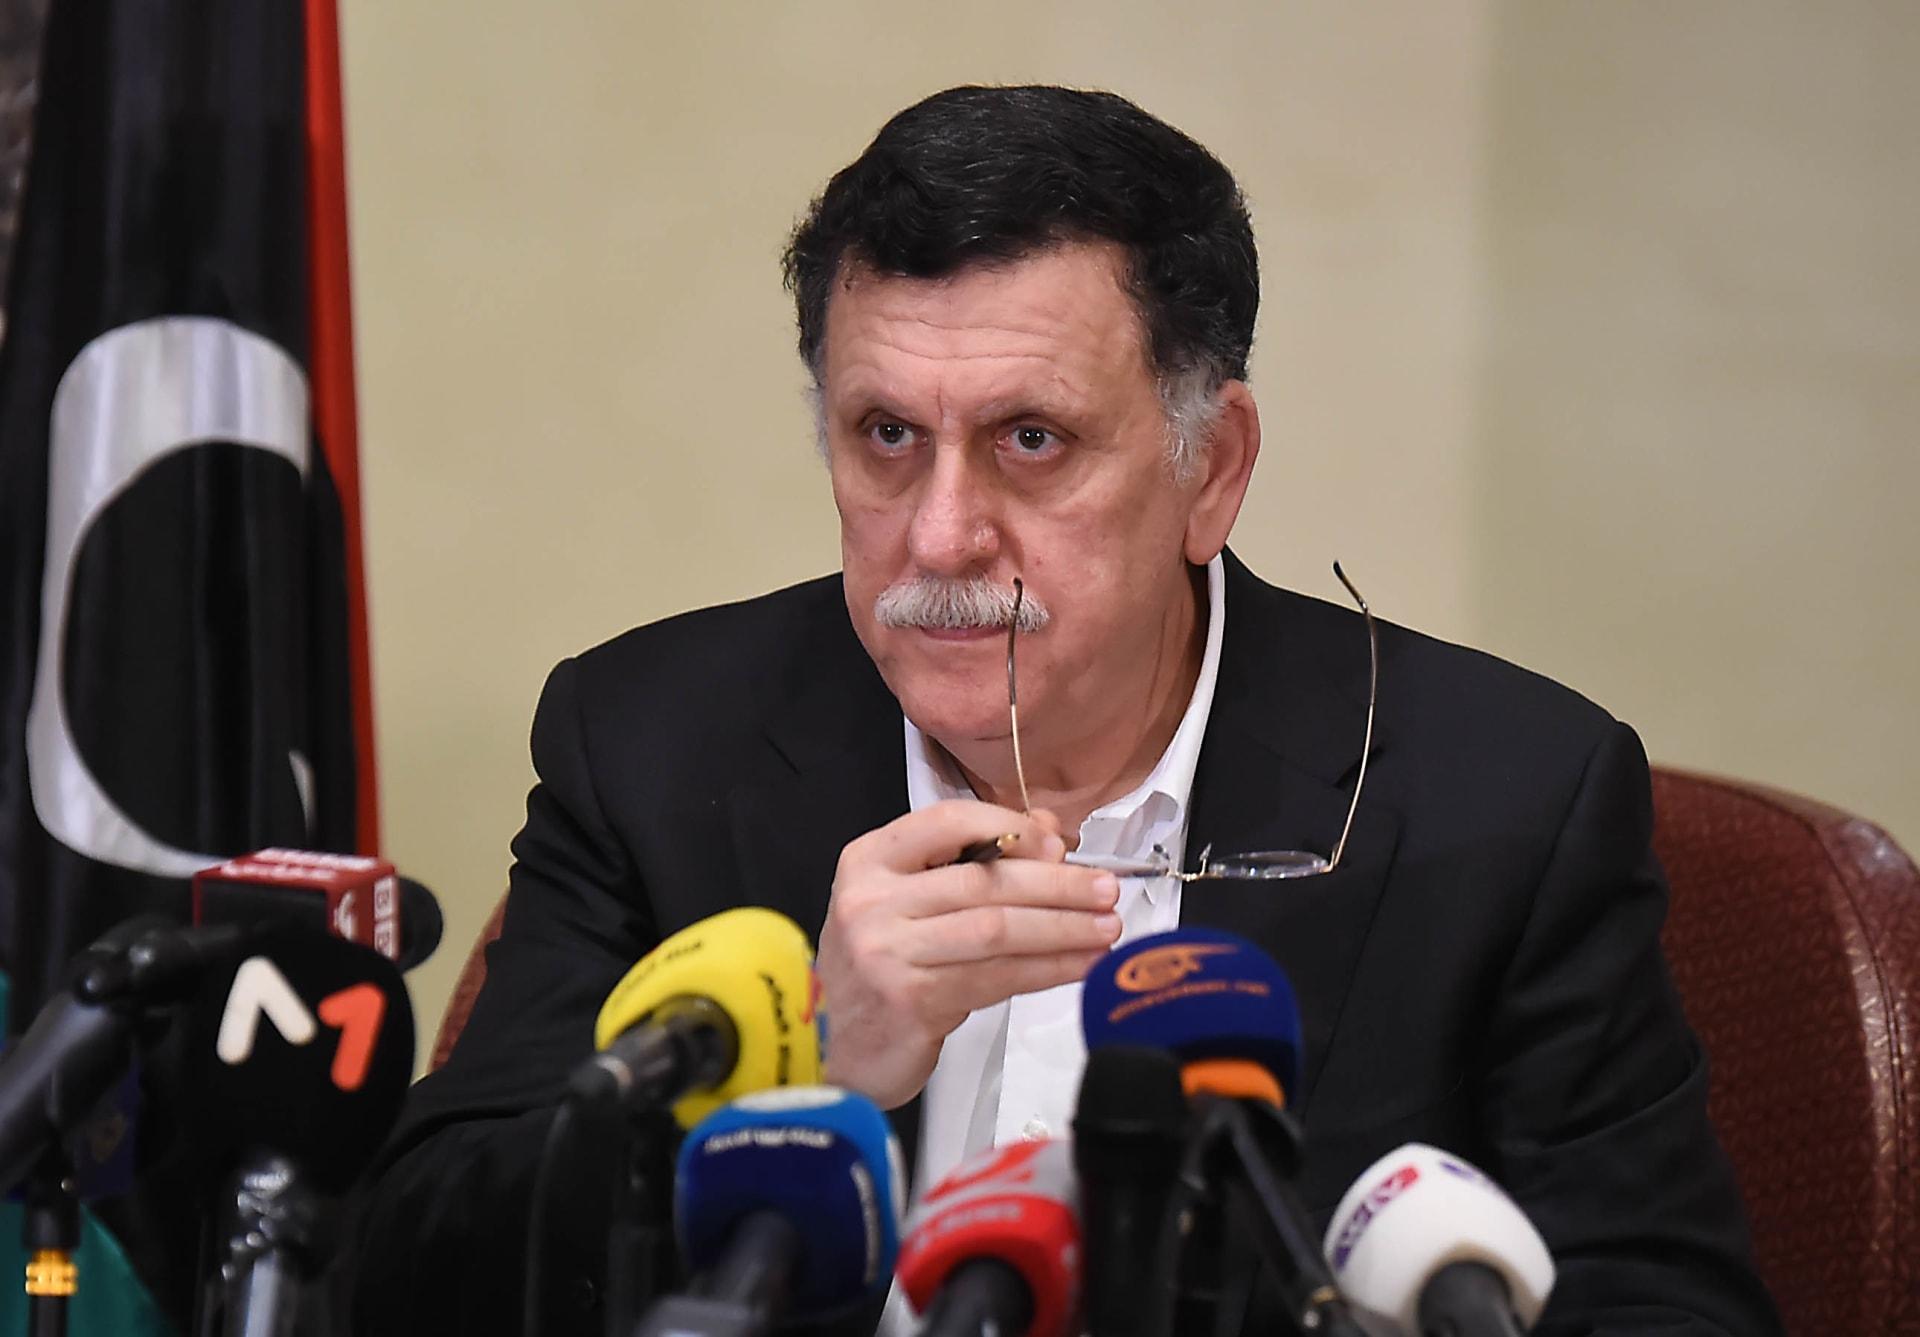 """مظاهرات طرابلس.. رئيس حكومة الوفاق: """"مندسون"""" و""""أطراف أخرى"""" شاركوا في الاحتجاجات"""